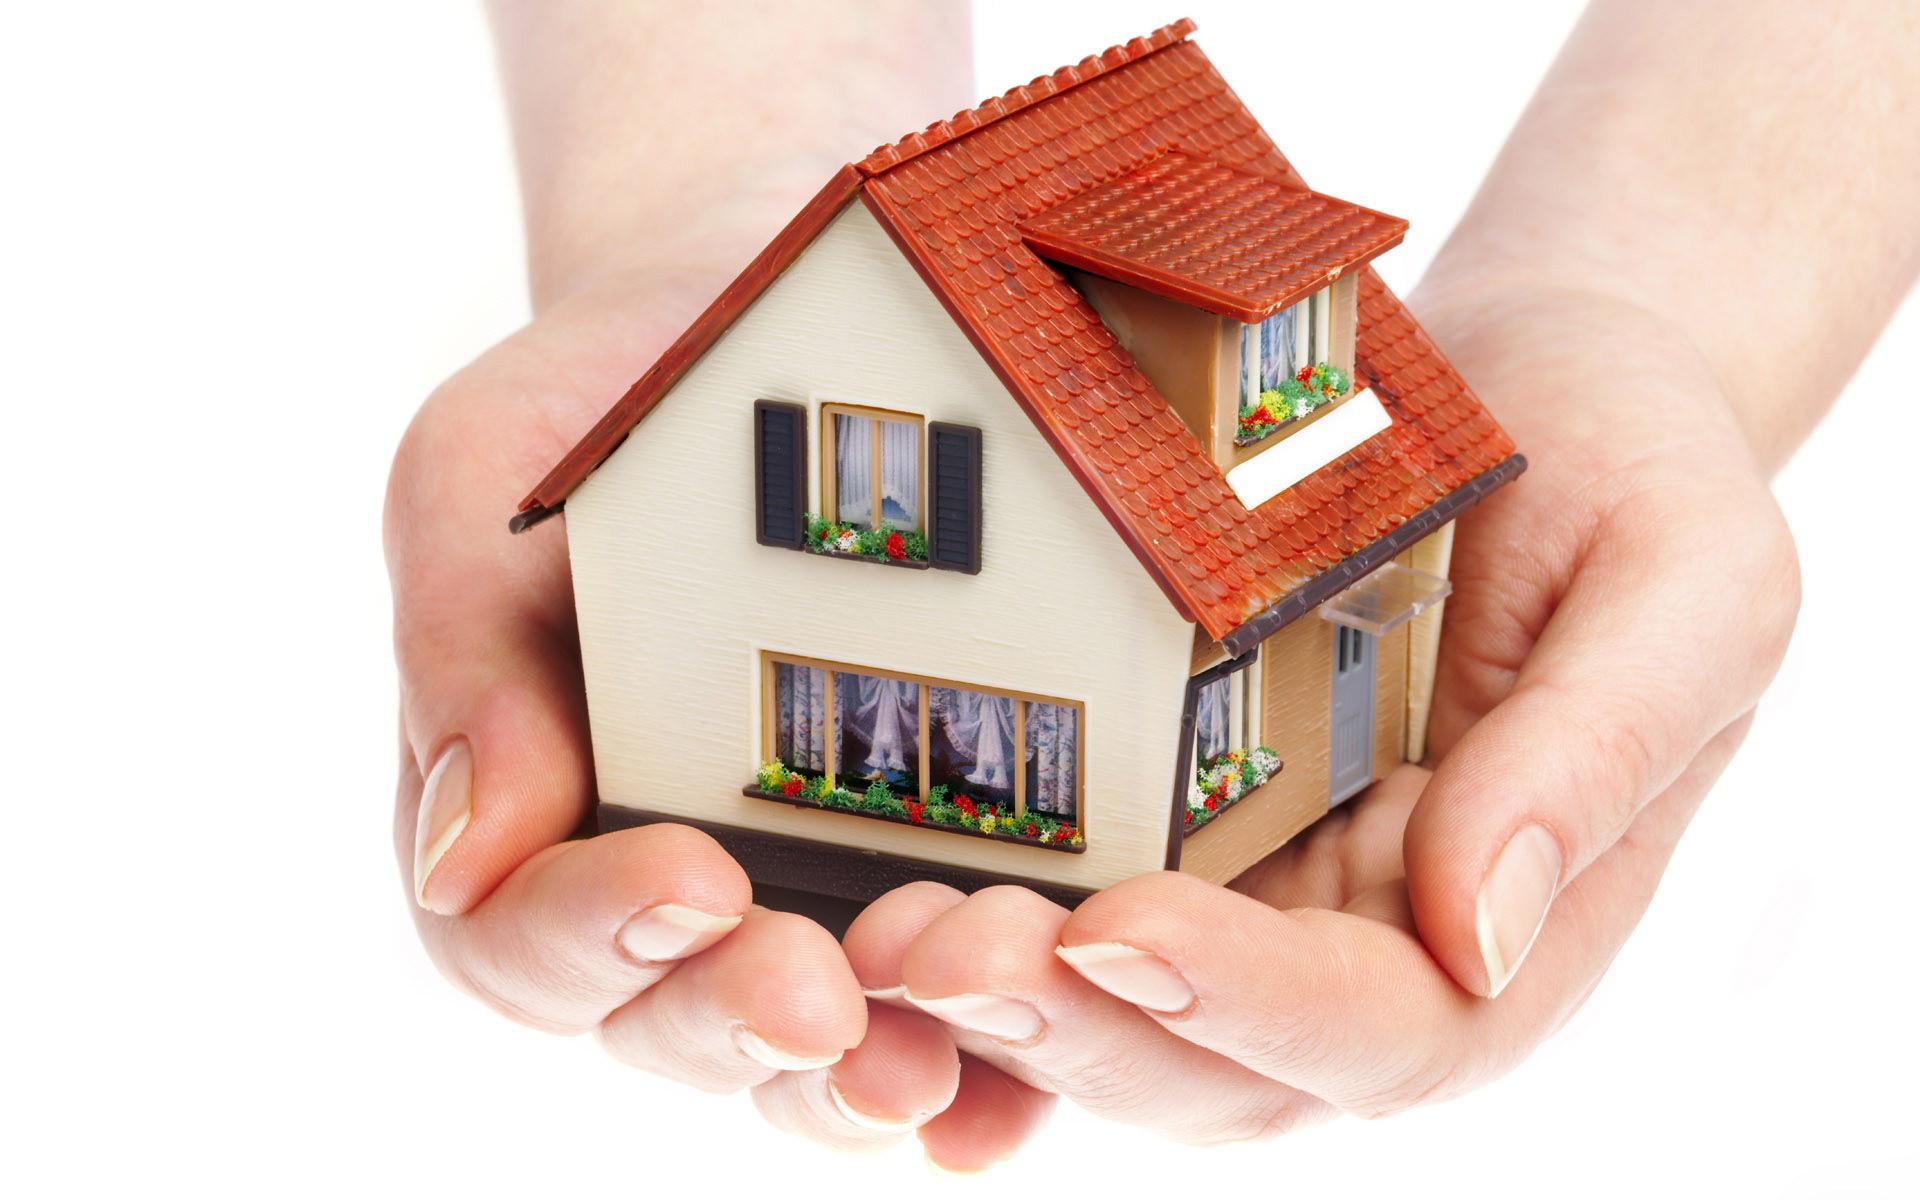 Preventivi on line per assicurazione casa for Assicurazione casa on line